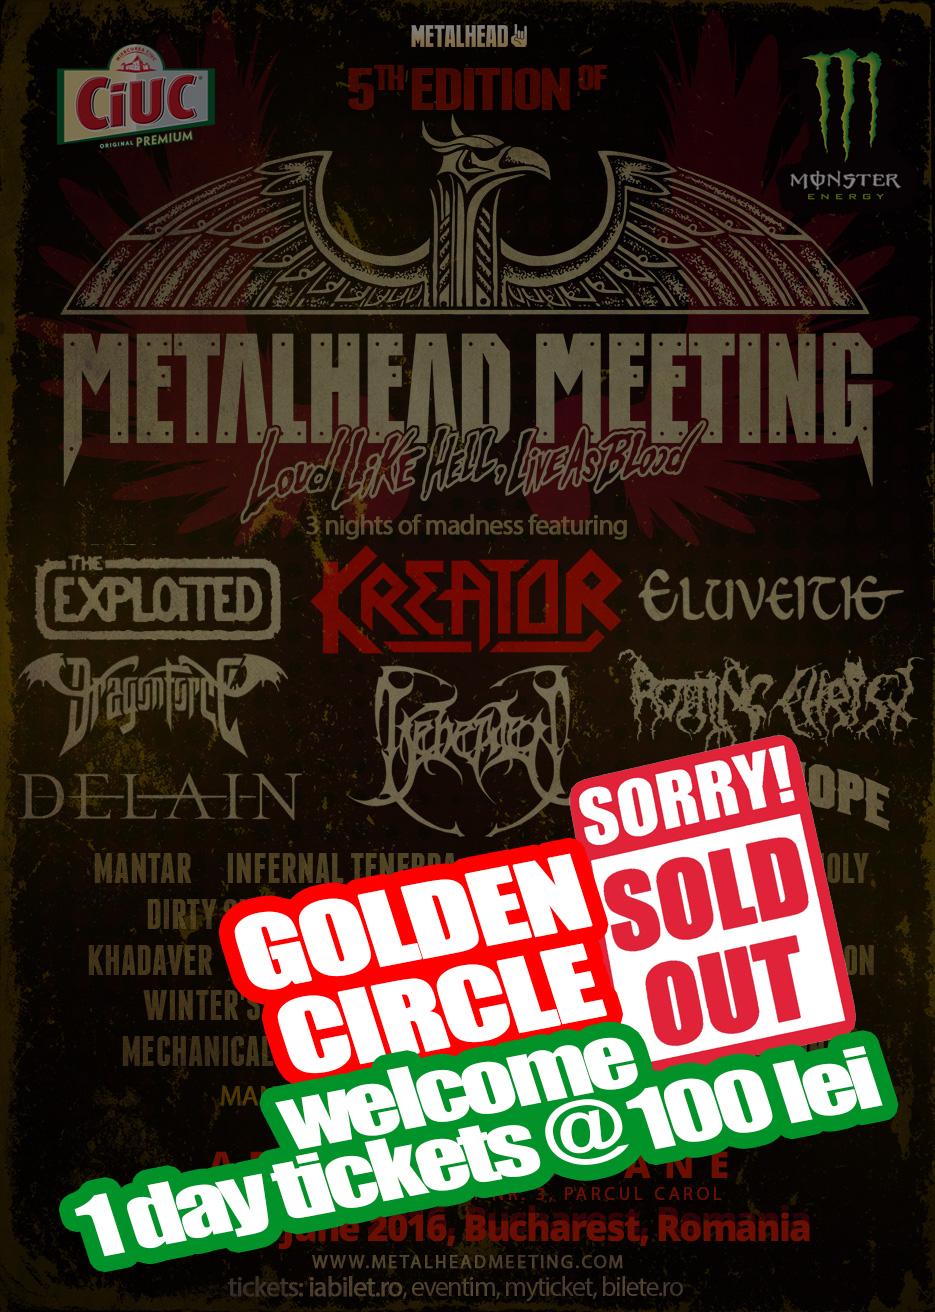 Metalhead Meeting: Golden Circle sold out, bilete de o zi si programul headlinerilor pe zile